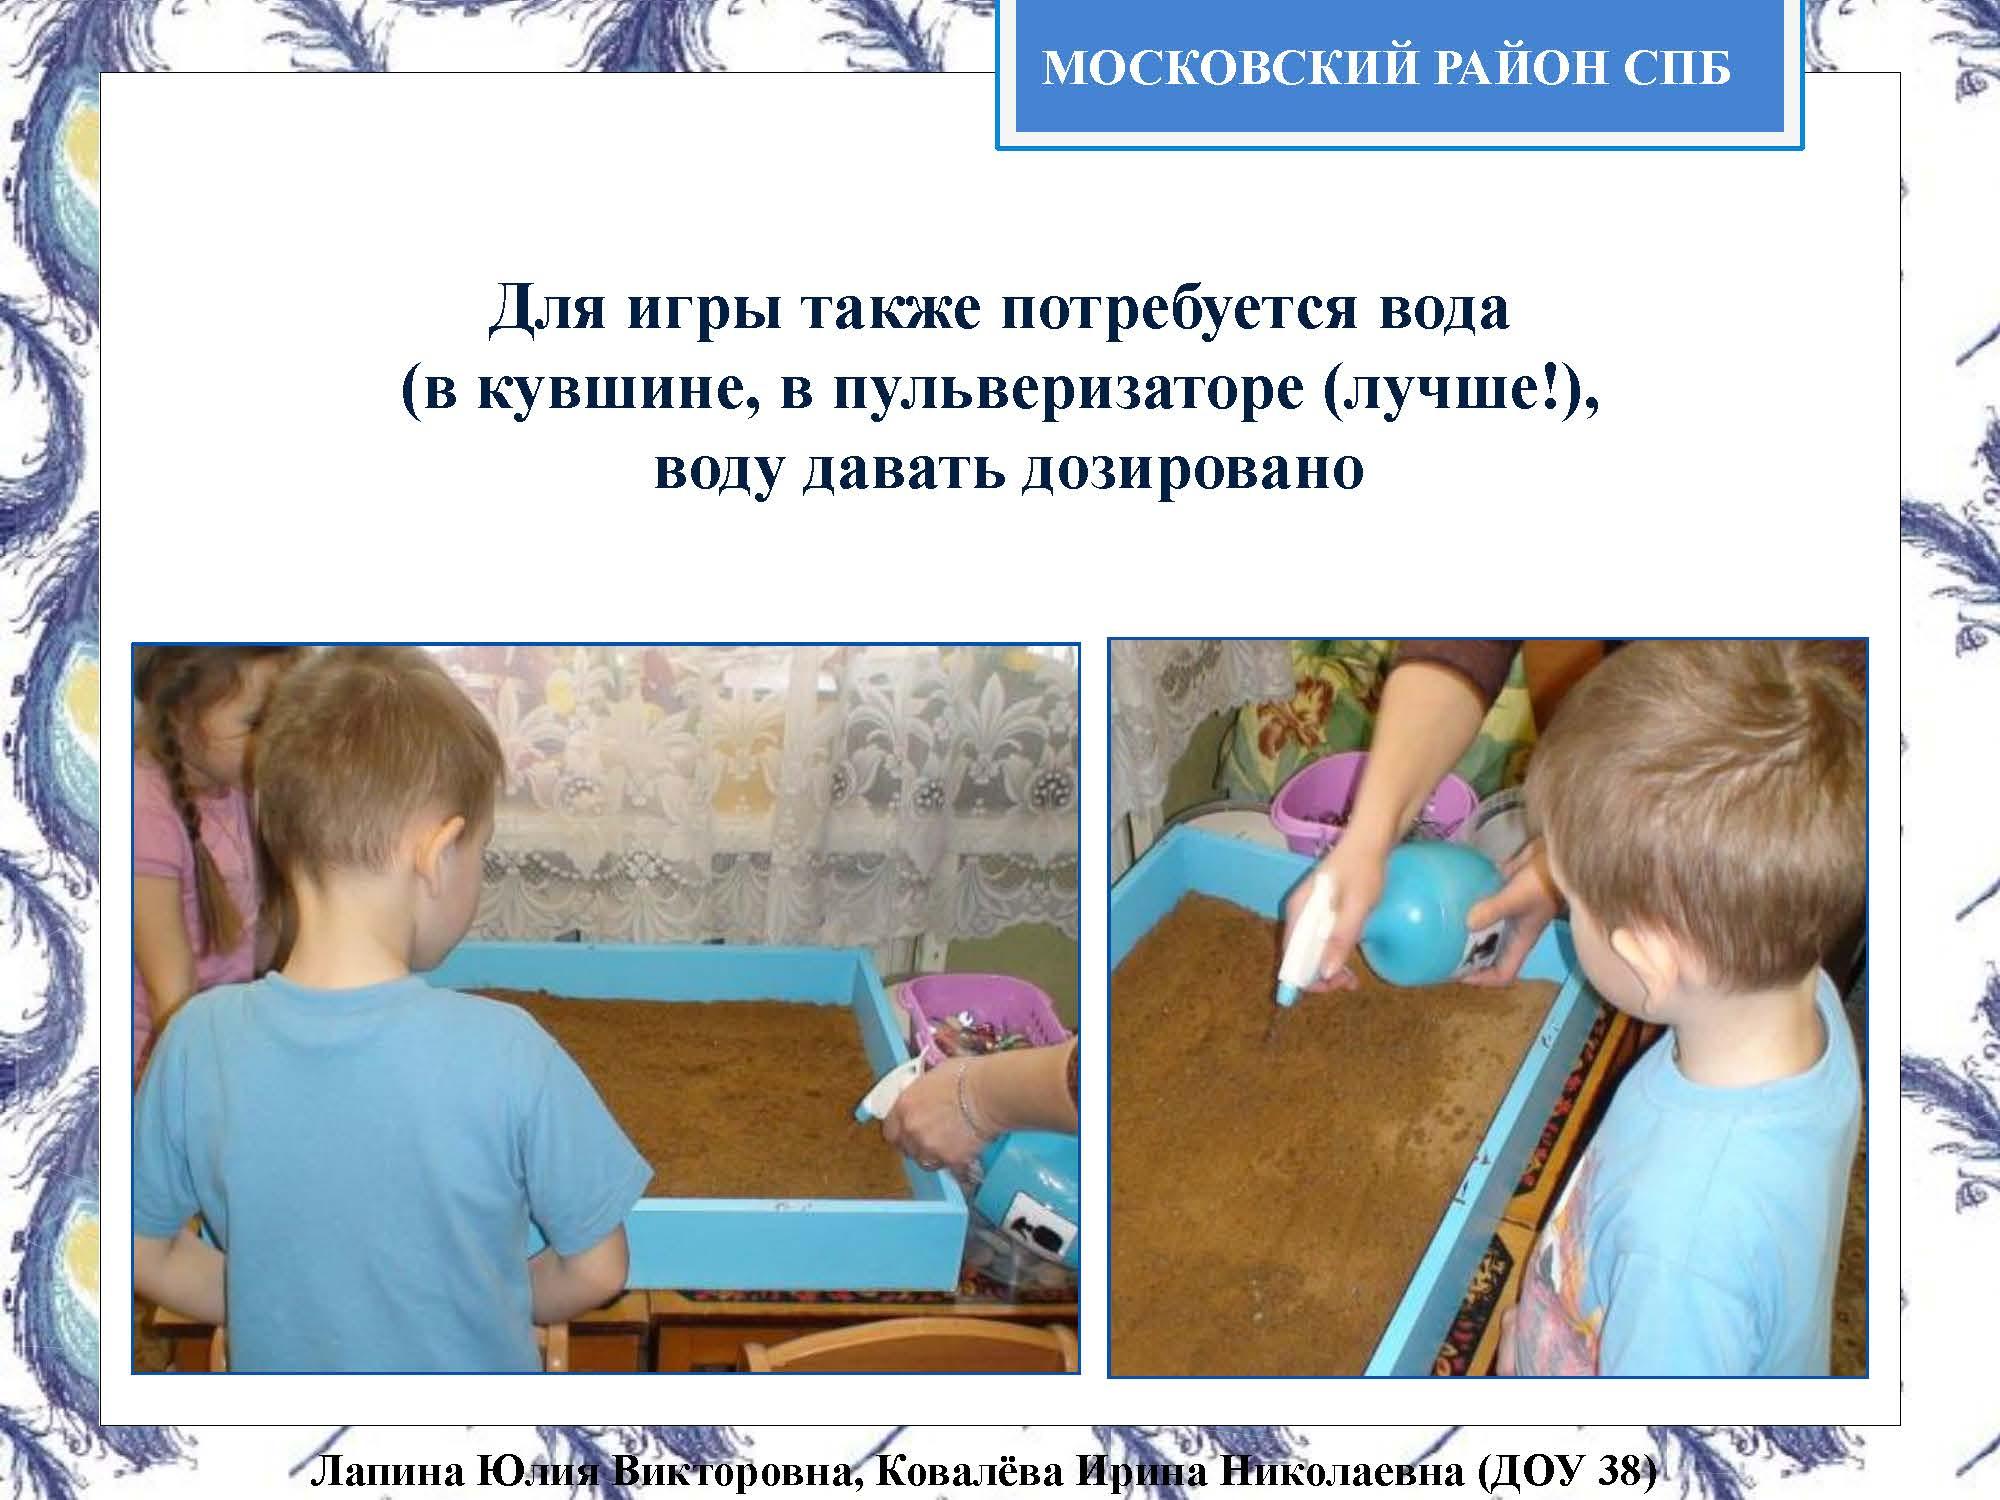 Секция 8. ДОУ 38, Московский район_Страница_17